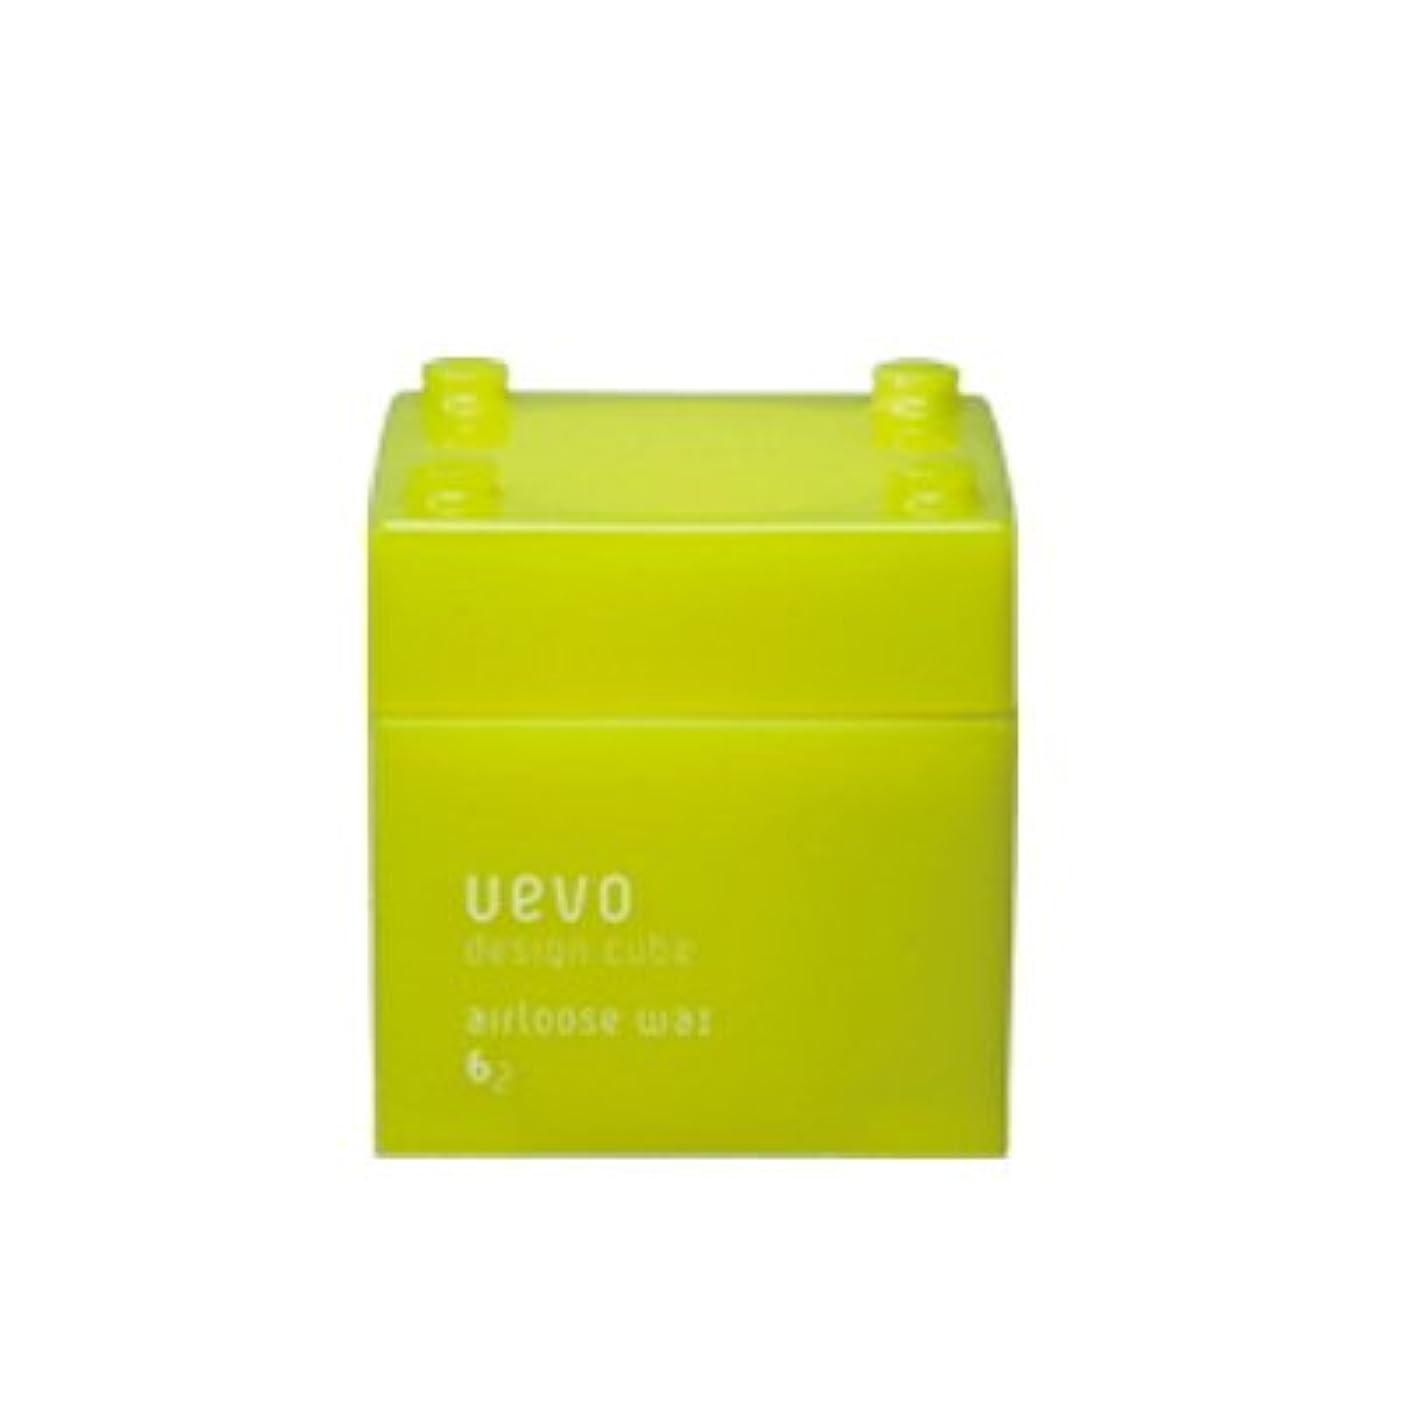 化学薬品偉業旅客ウェーボ デザインキューブ エアルーズワックス 80g 【デミコスメティクス】